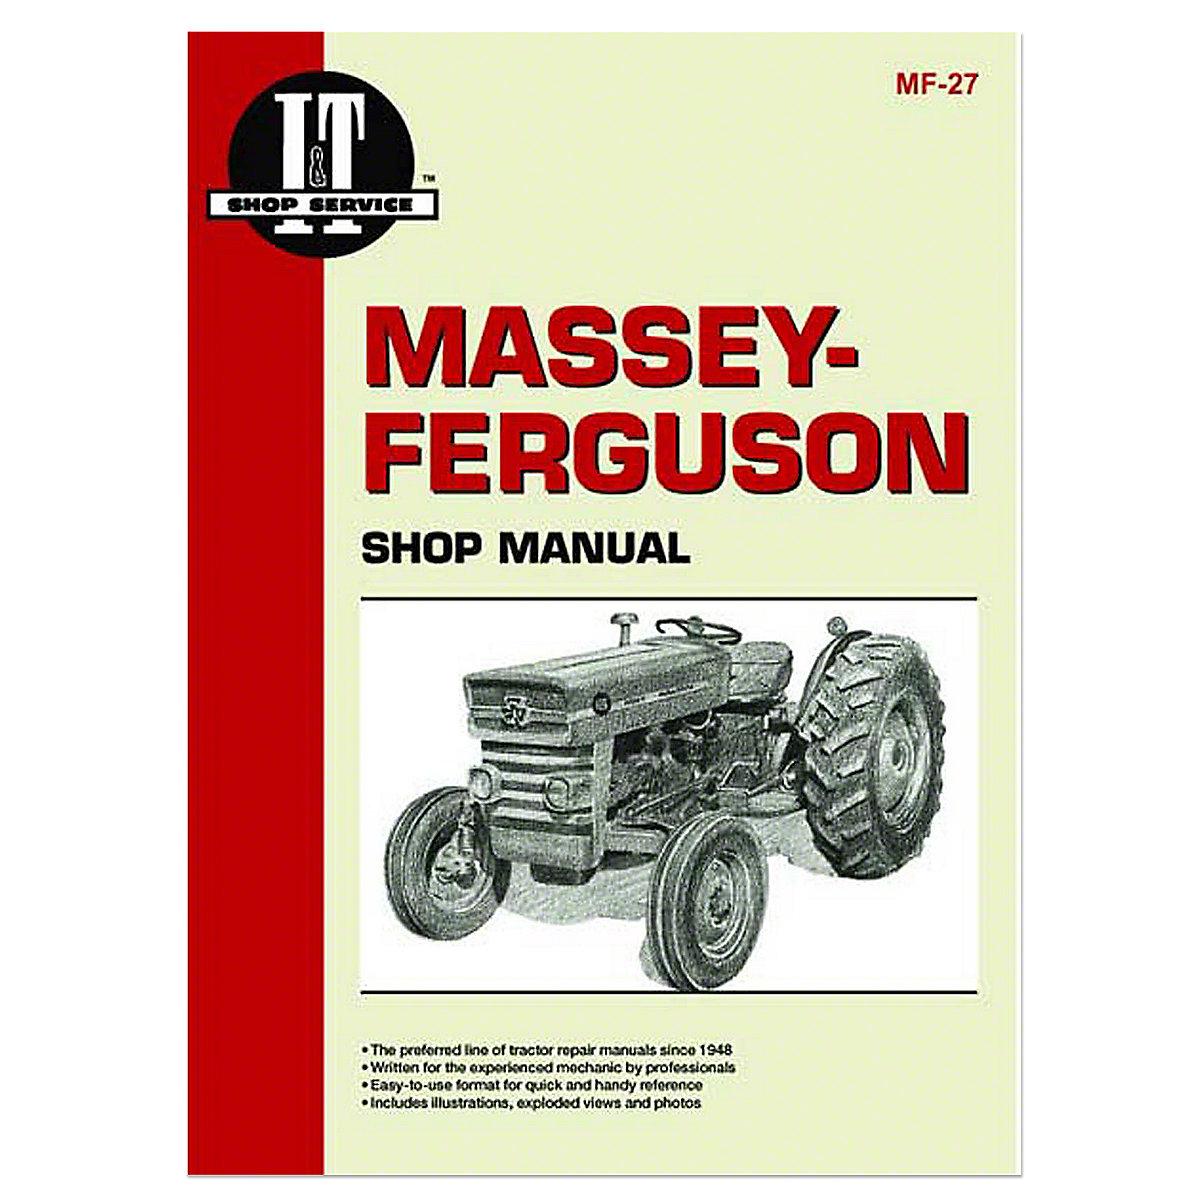 mf27 i t shop service manual rh steinertractor com Cartoon Manual Service Manuals